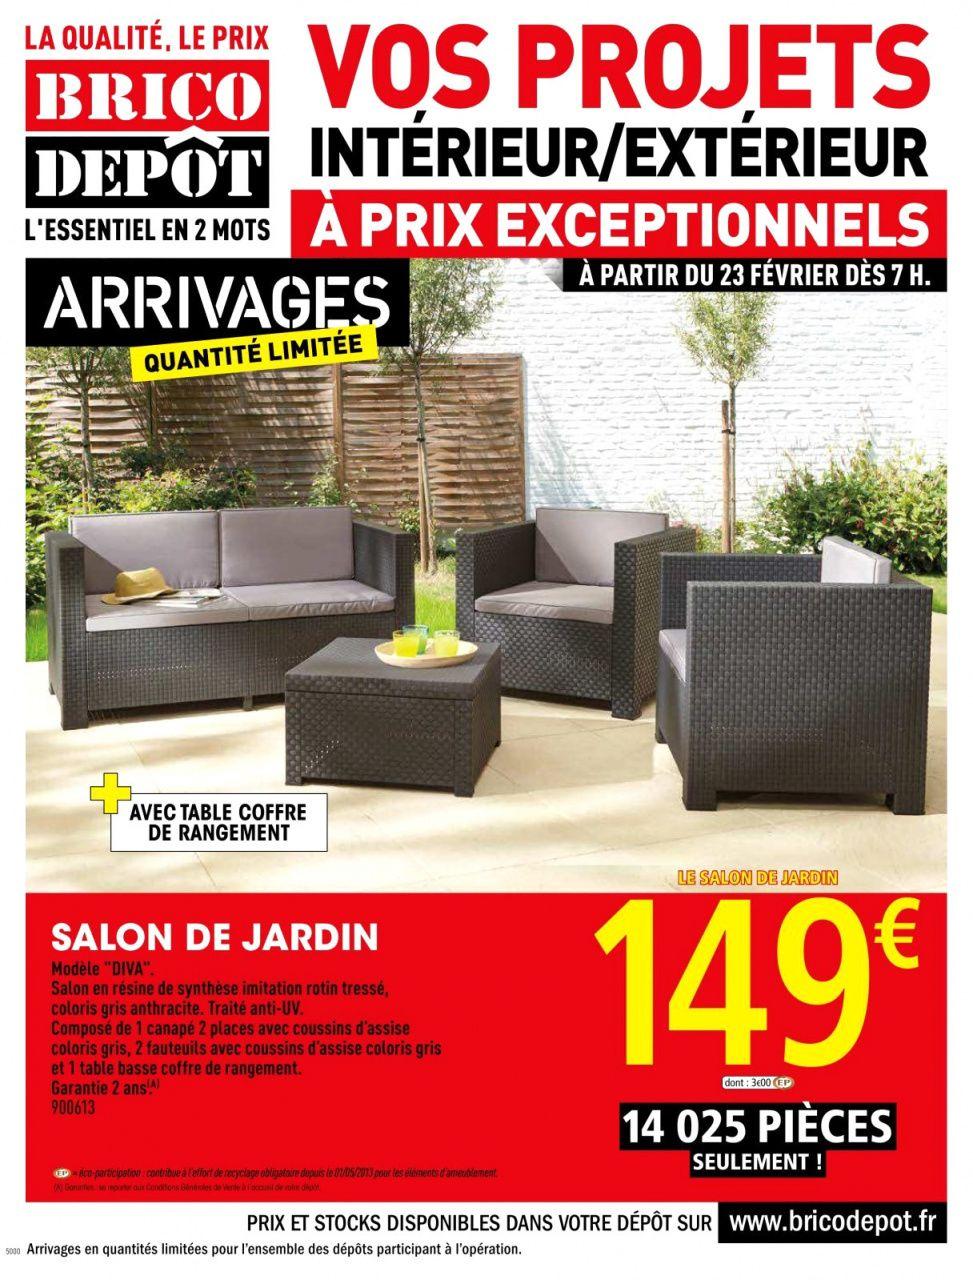 Table De Jardin Brico Depot - Canalcncarauca concernant Abris Jardin Brico Depot